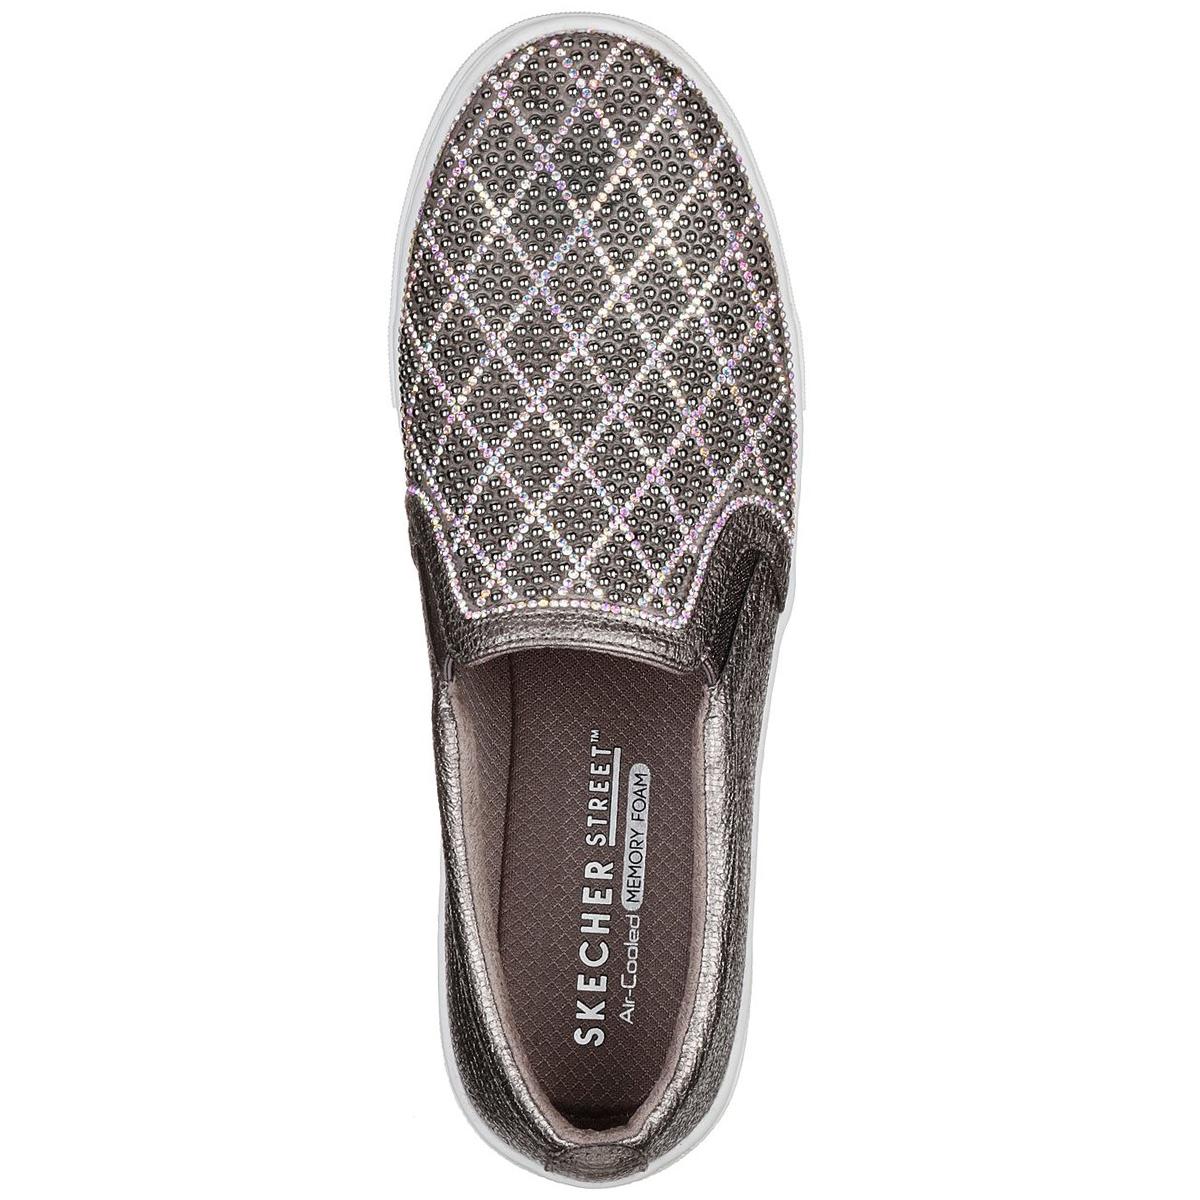 Diamond Darling Slip-On Sneakers